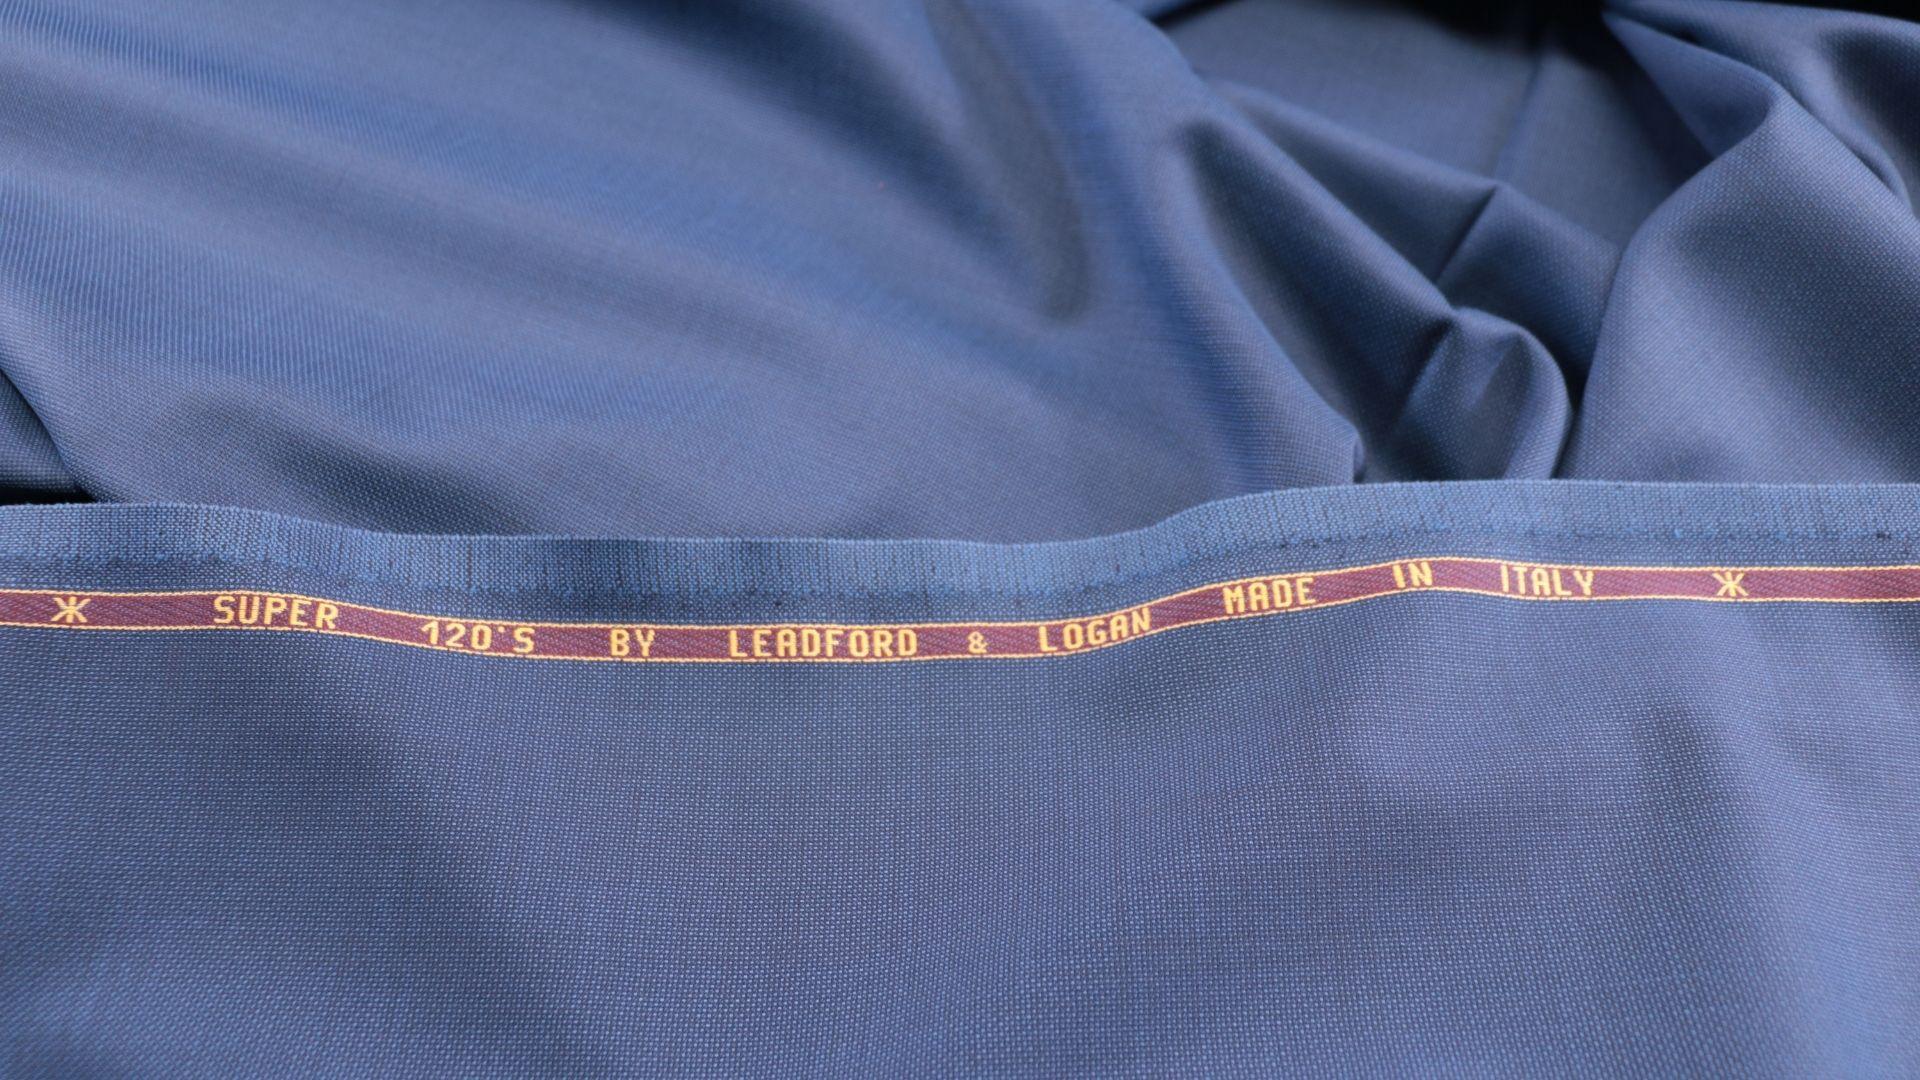 il particolare del tessuto tasmania986000, appartenente alla categoria uniti seta, di Leadford & Logan